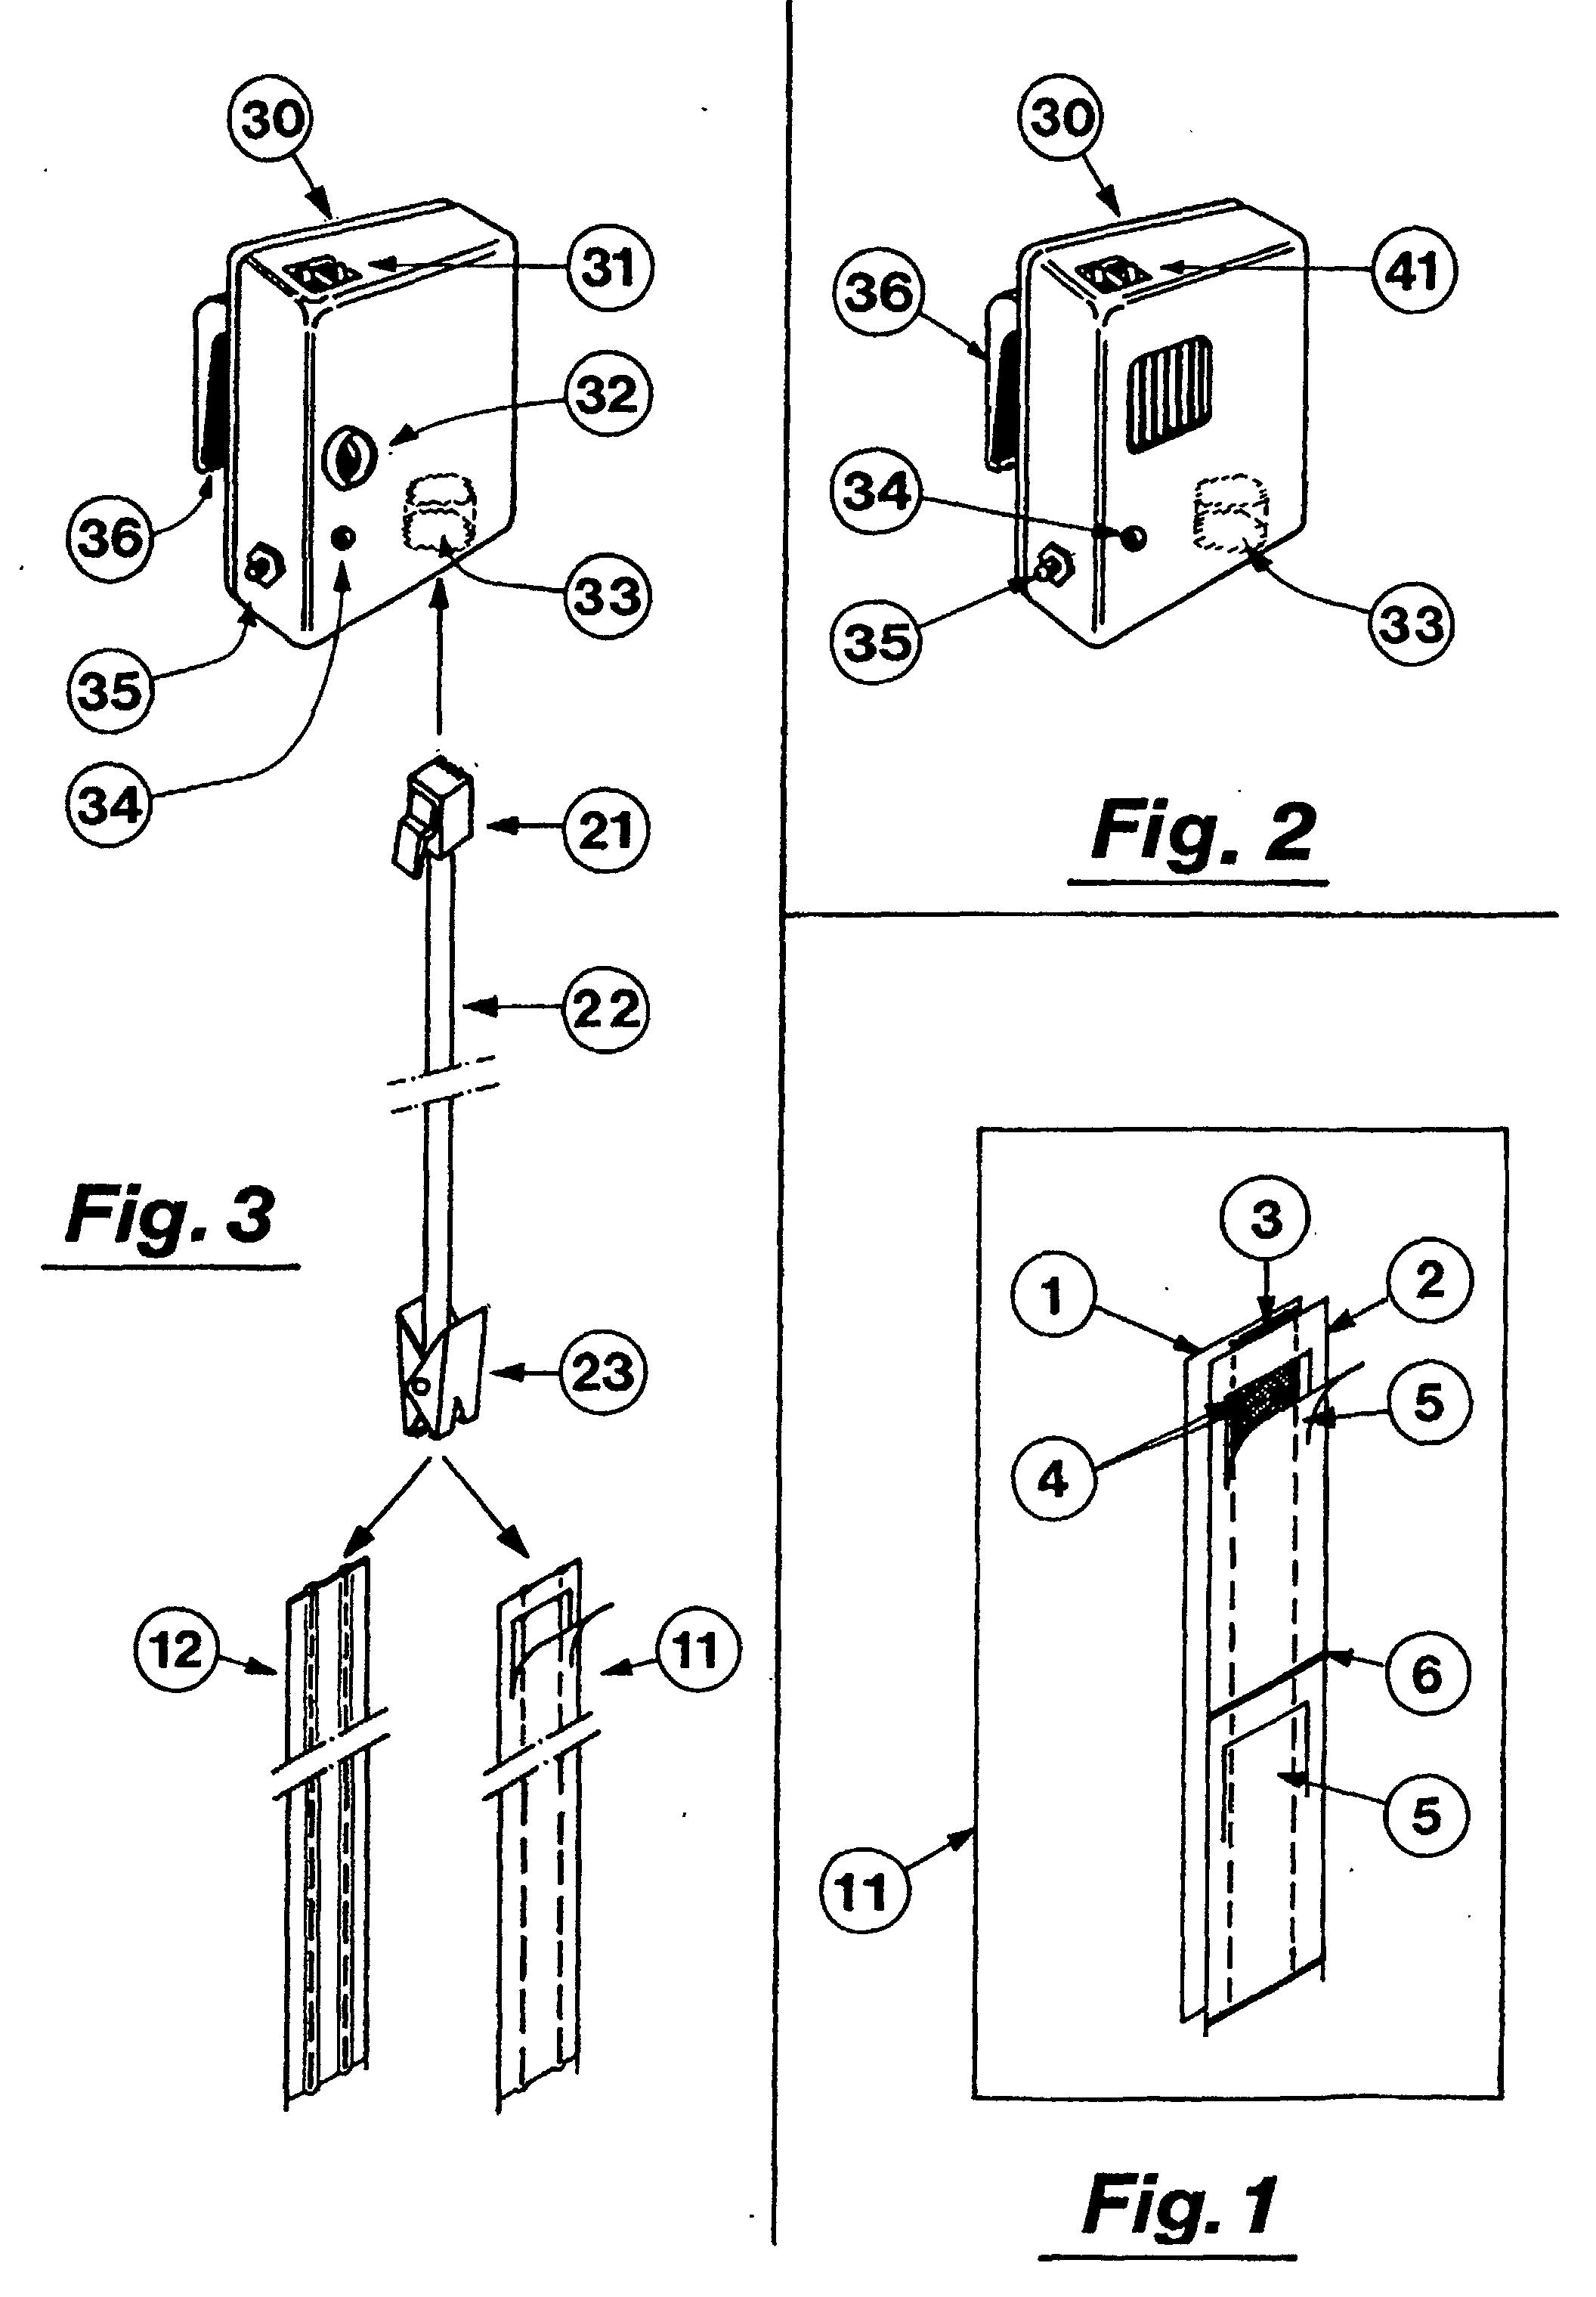 Fantastisch Verbinden Von 4 Leiterdrähten Mit 3 Leiterdrähten Fotos ...